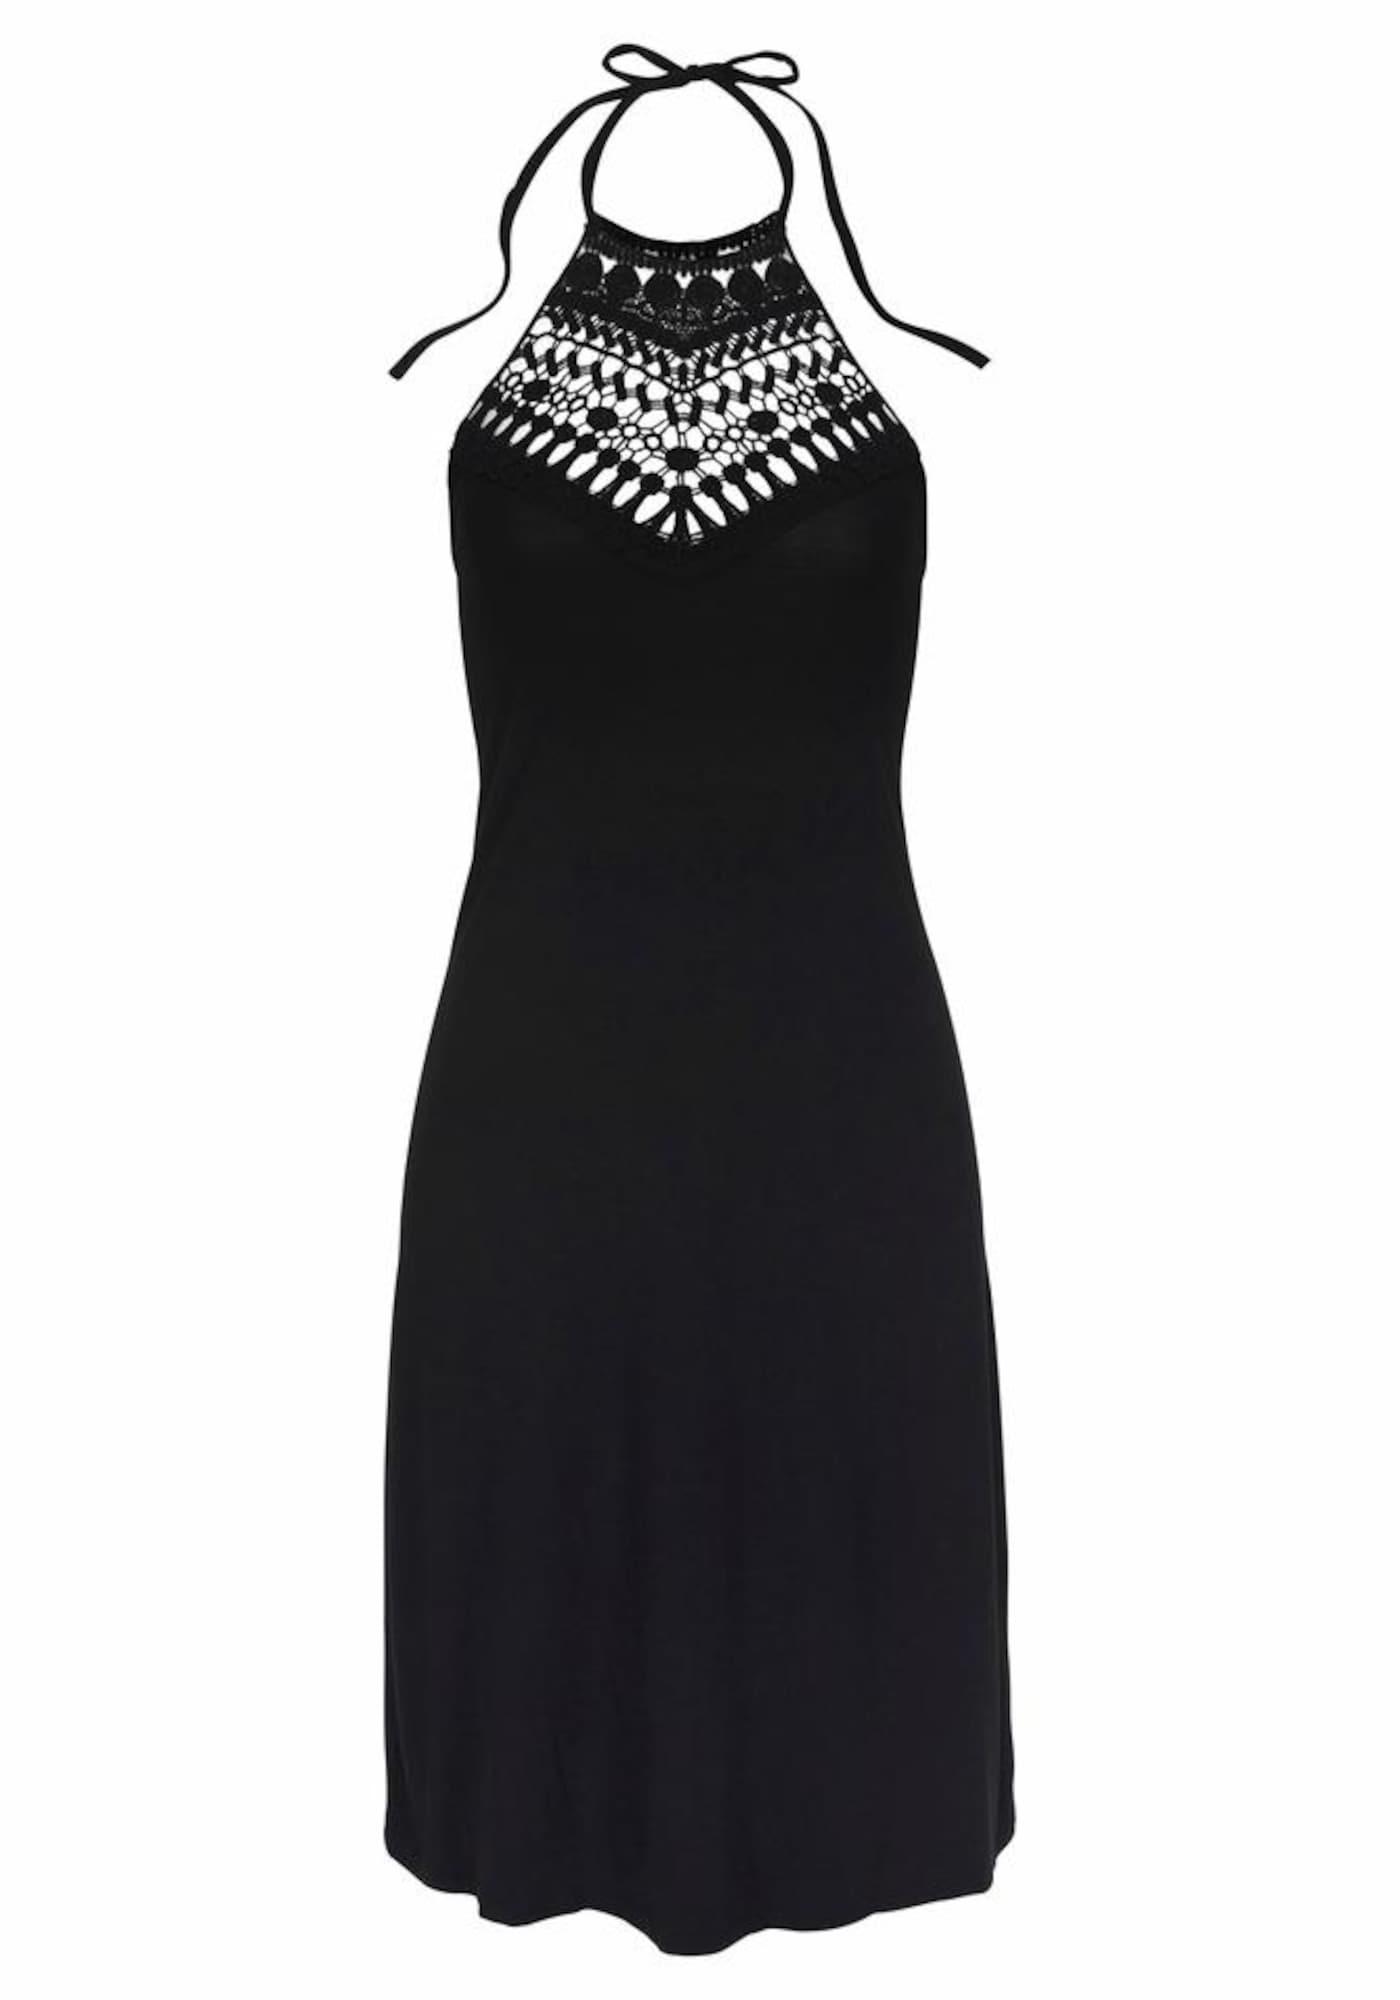 LASCANA Vêtement de plage  - Noir - Taille: 34 - female